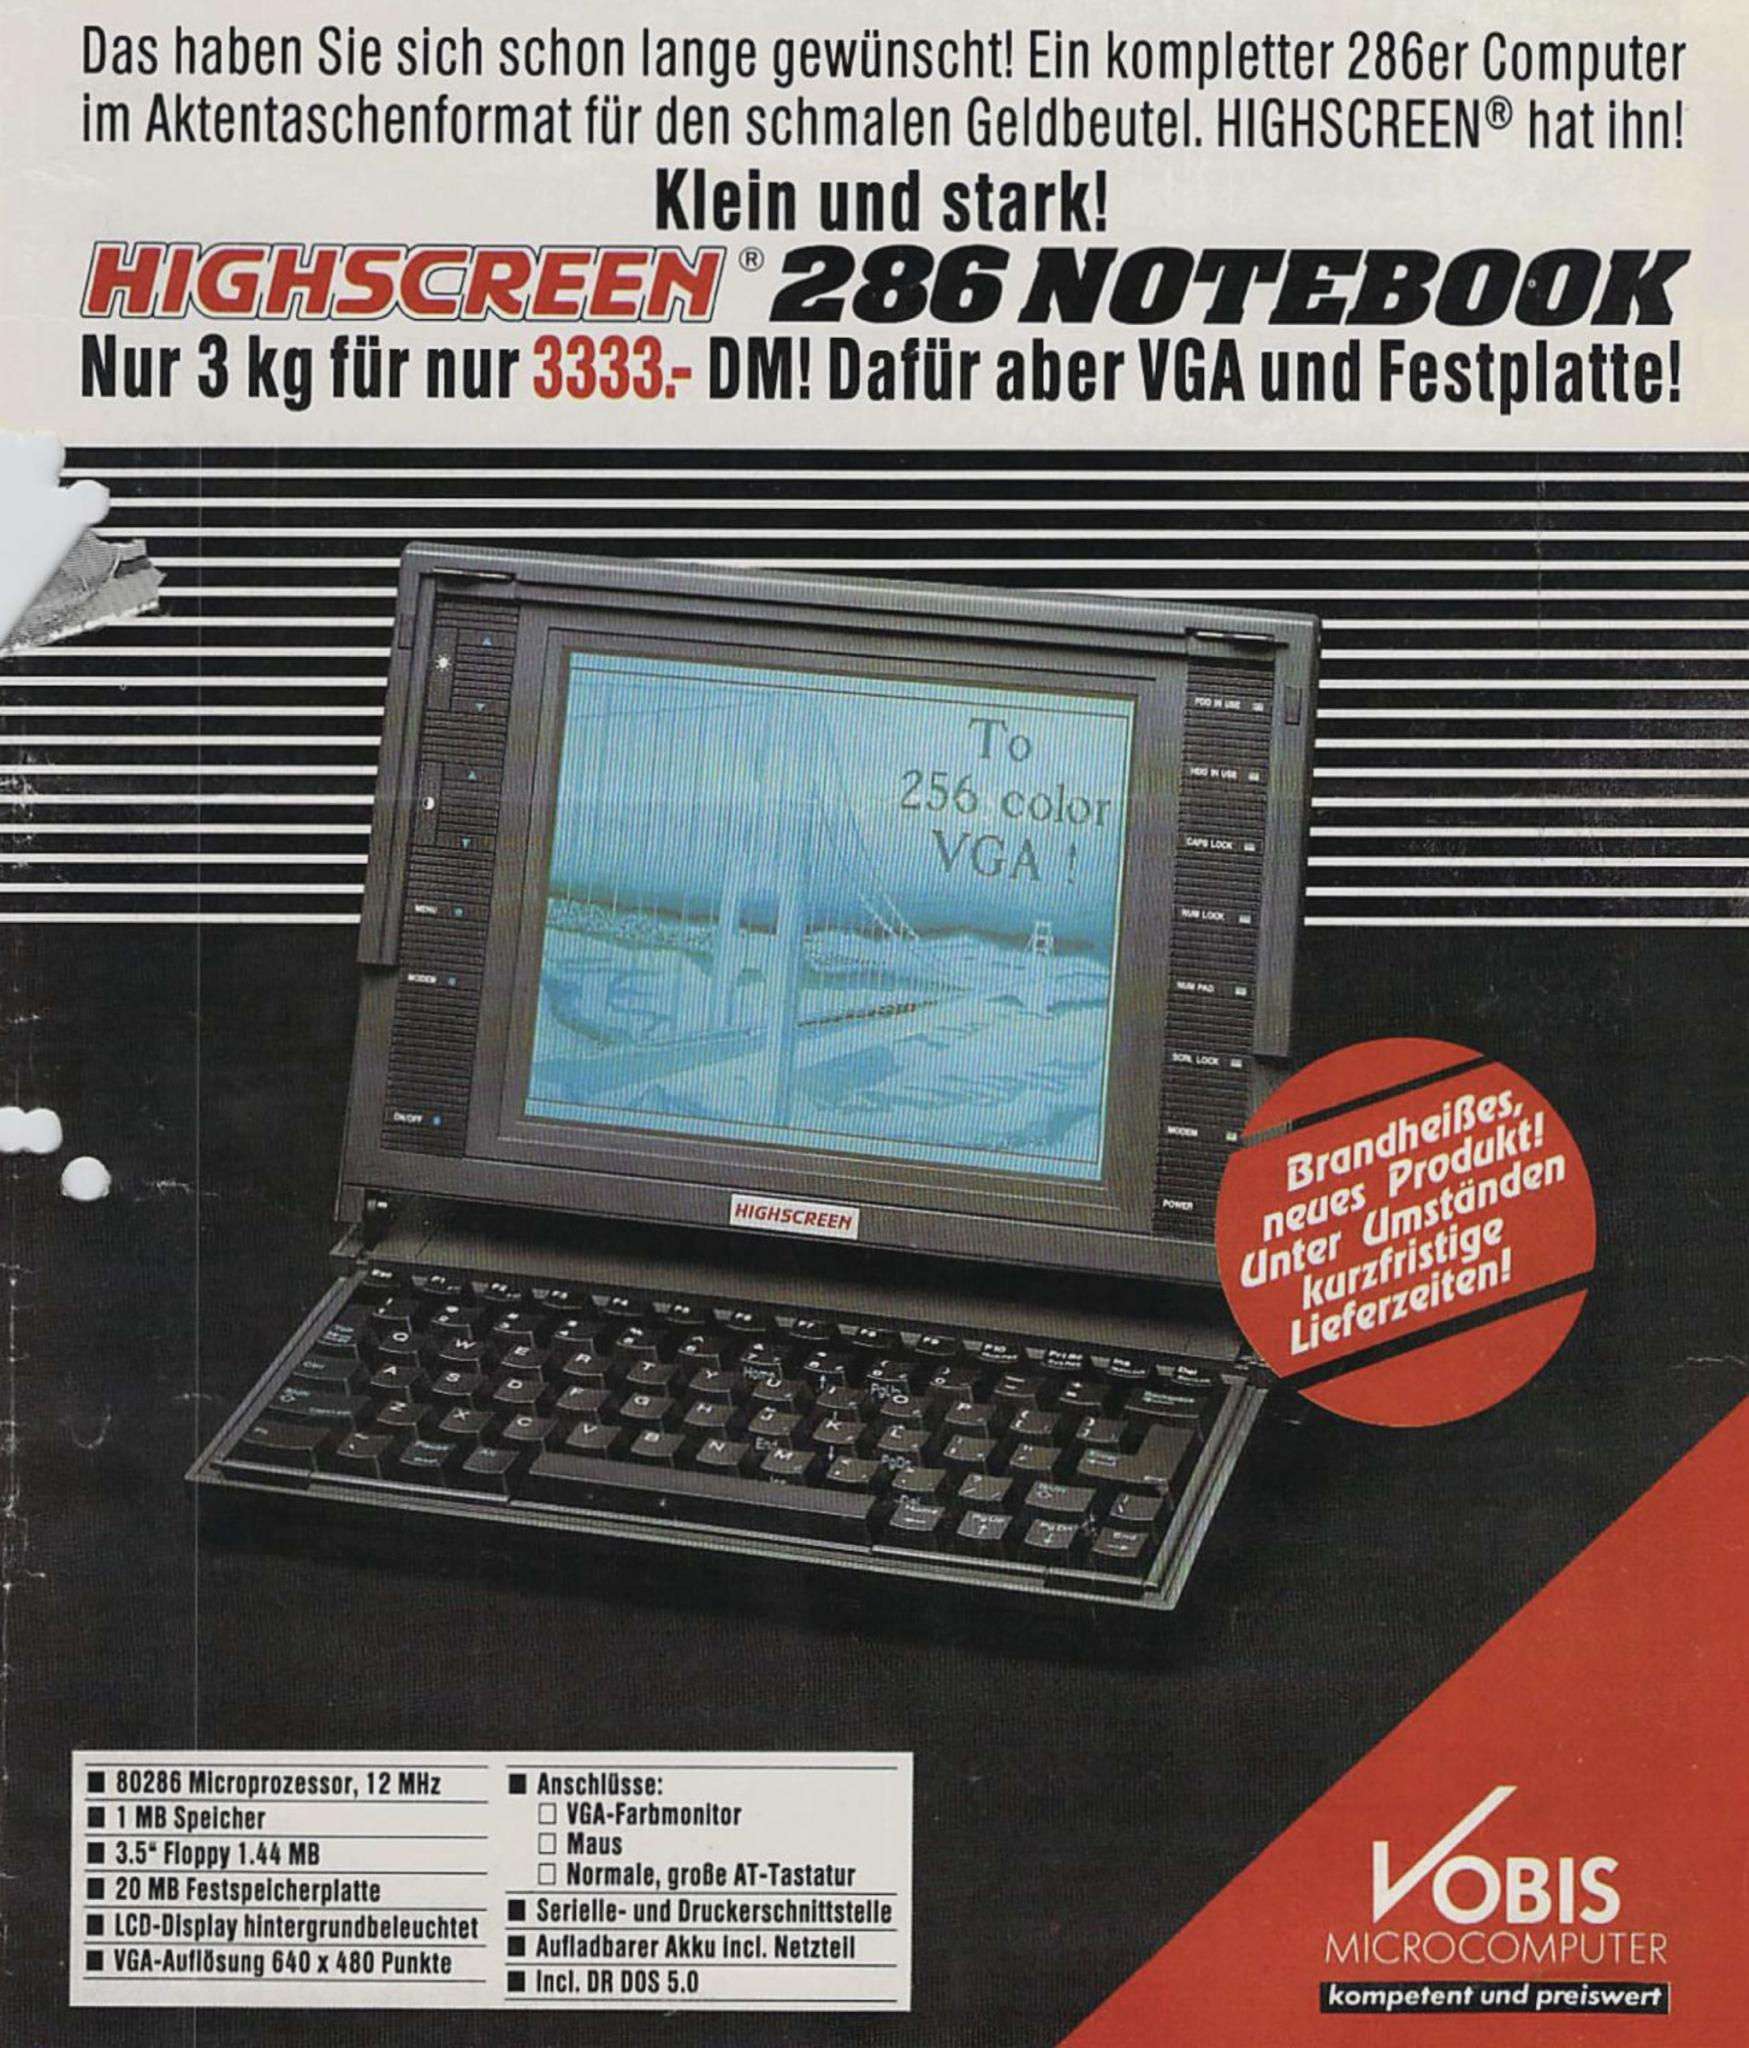 Sieht aus wie ein iPad mit Keyboard, oder?